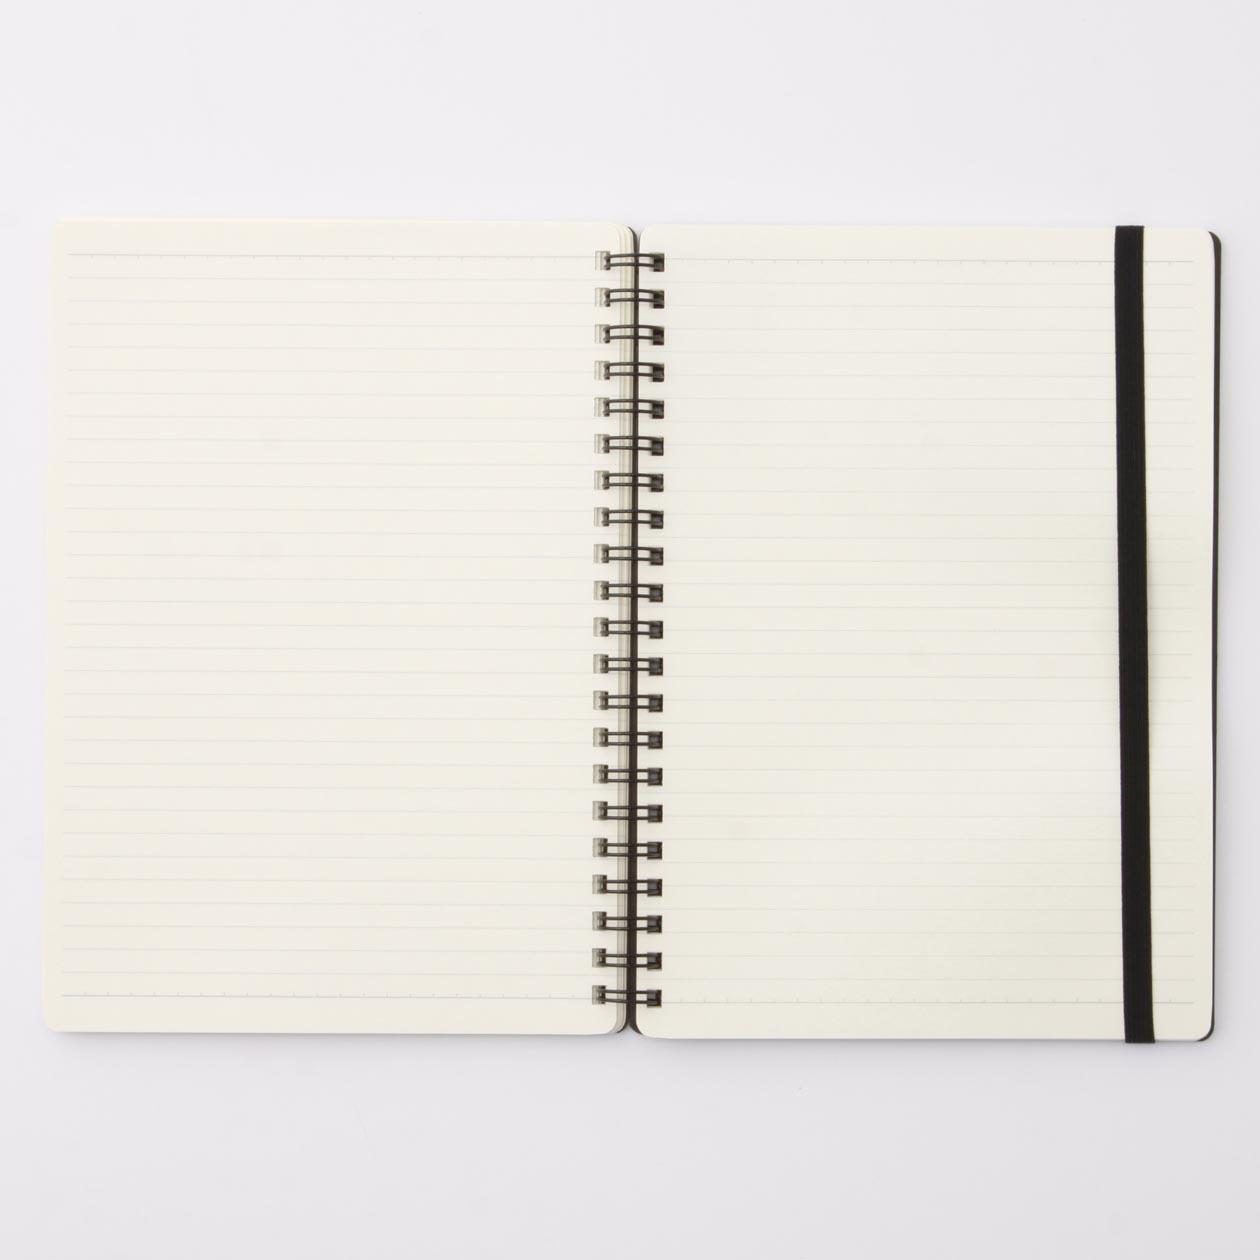 無印良品 MUJI 高 順滑雙環筆記本